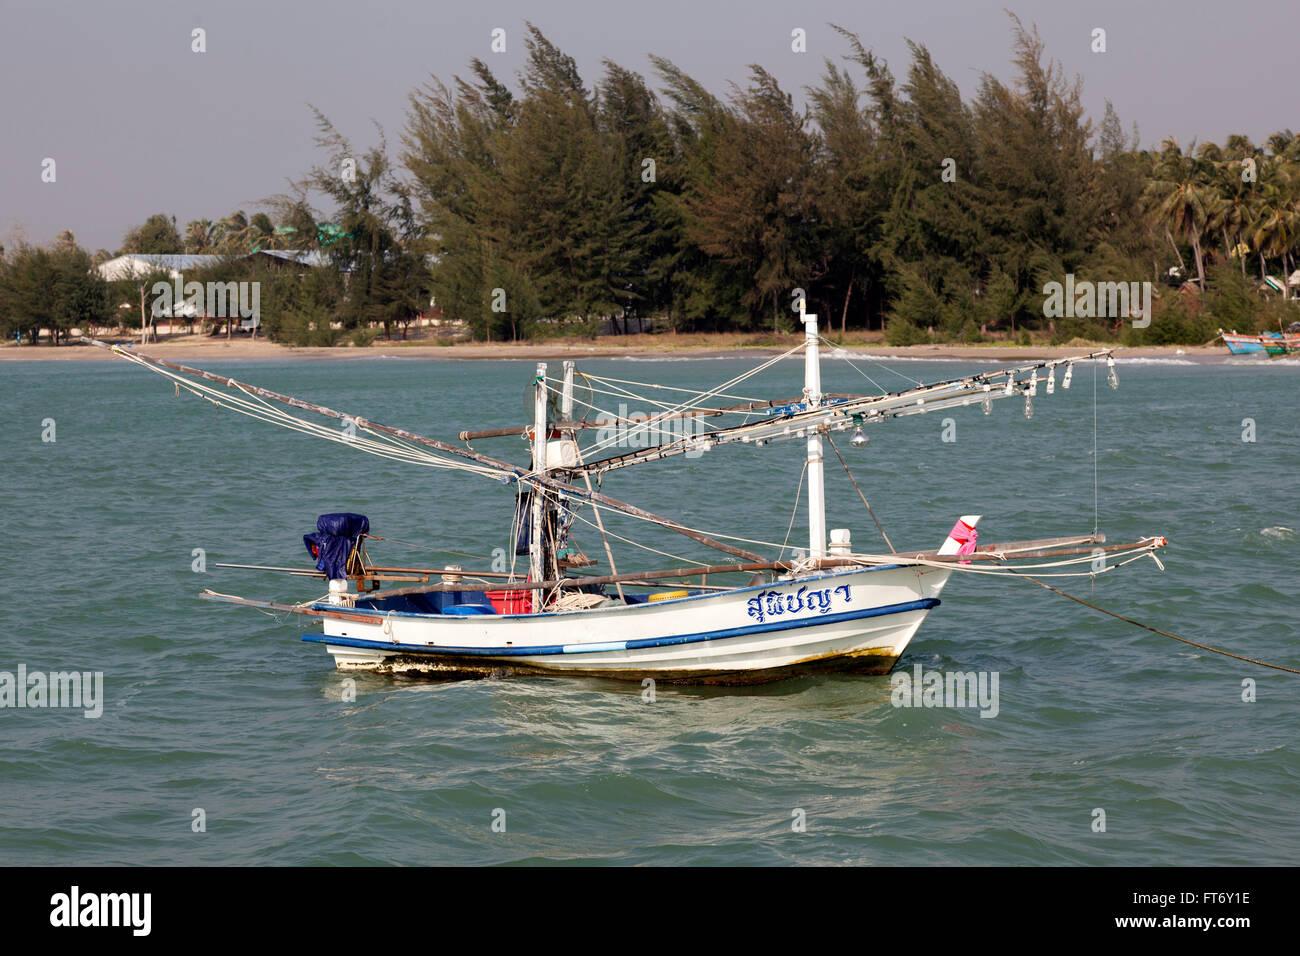 Un petit bateau de pêche thaïlandais équipée pour la pêche côtière par lamplights Photo Stock